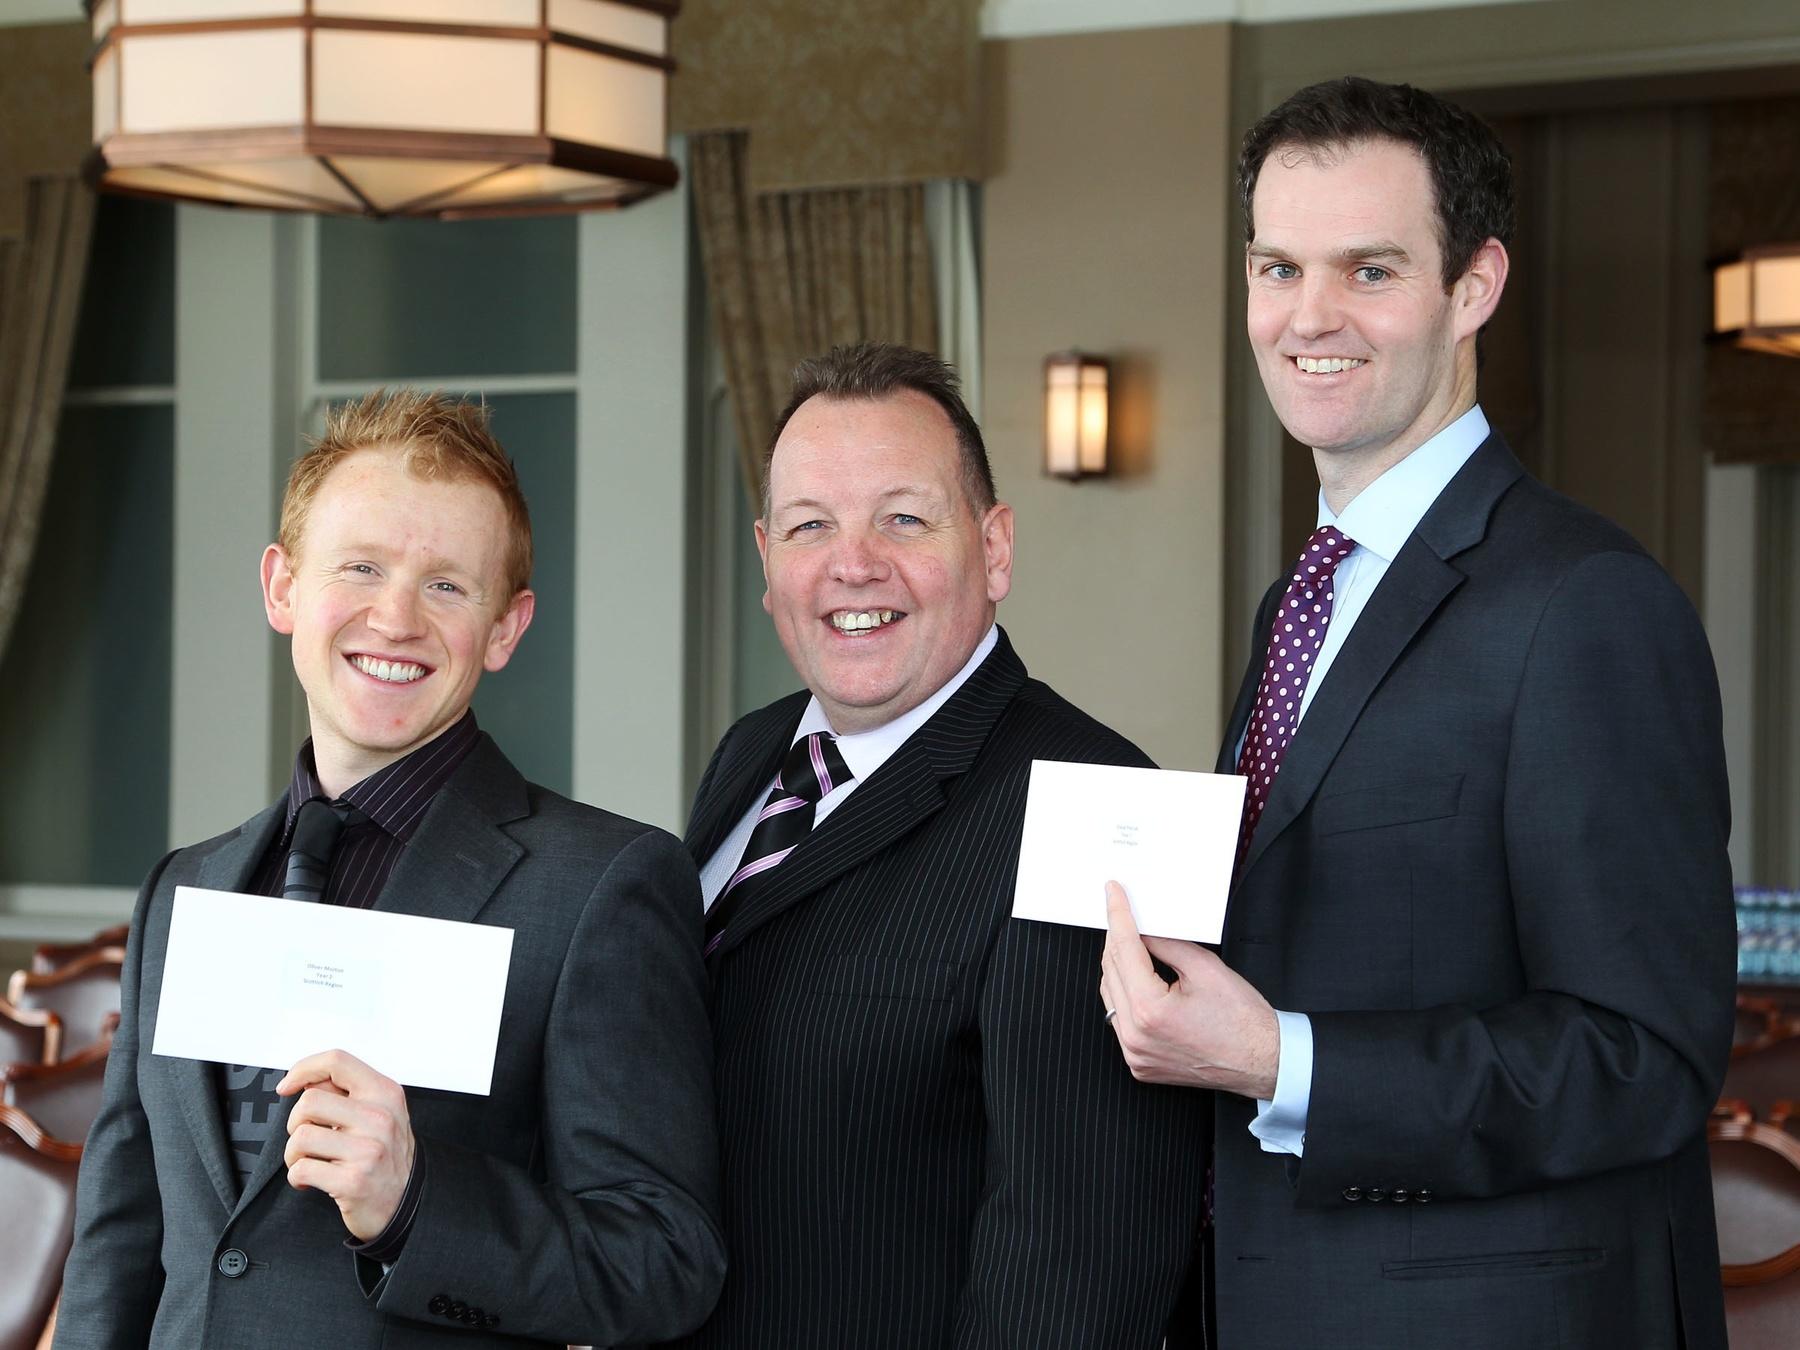 TGI Scottish awards